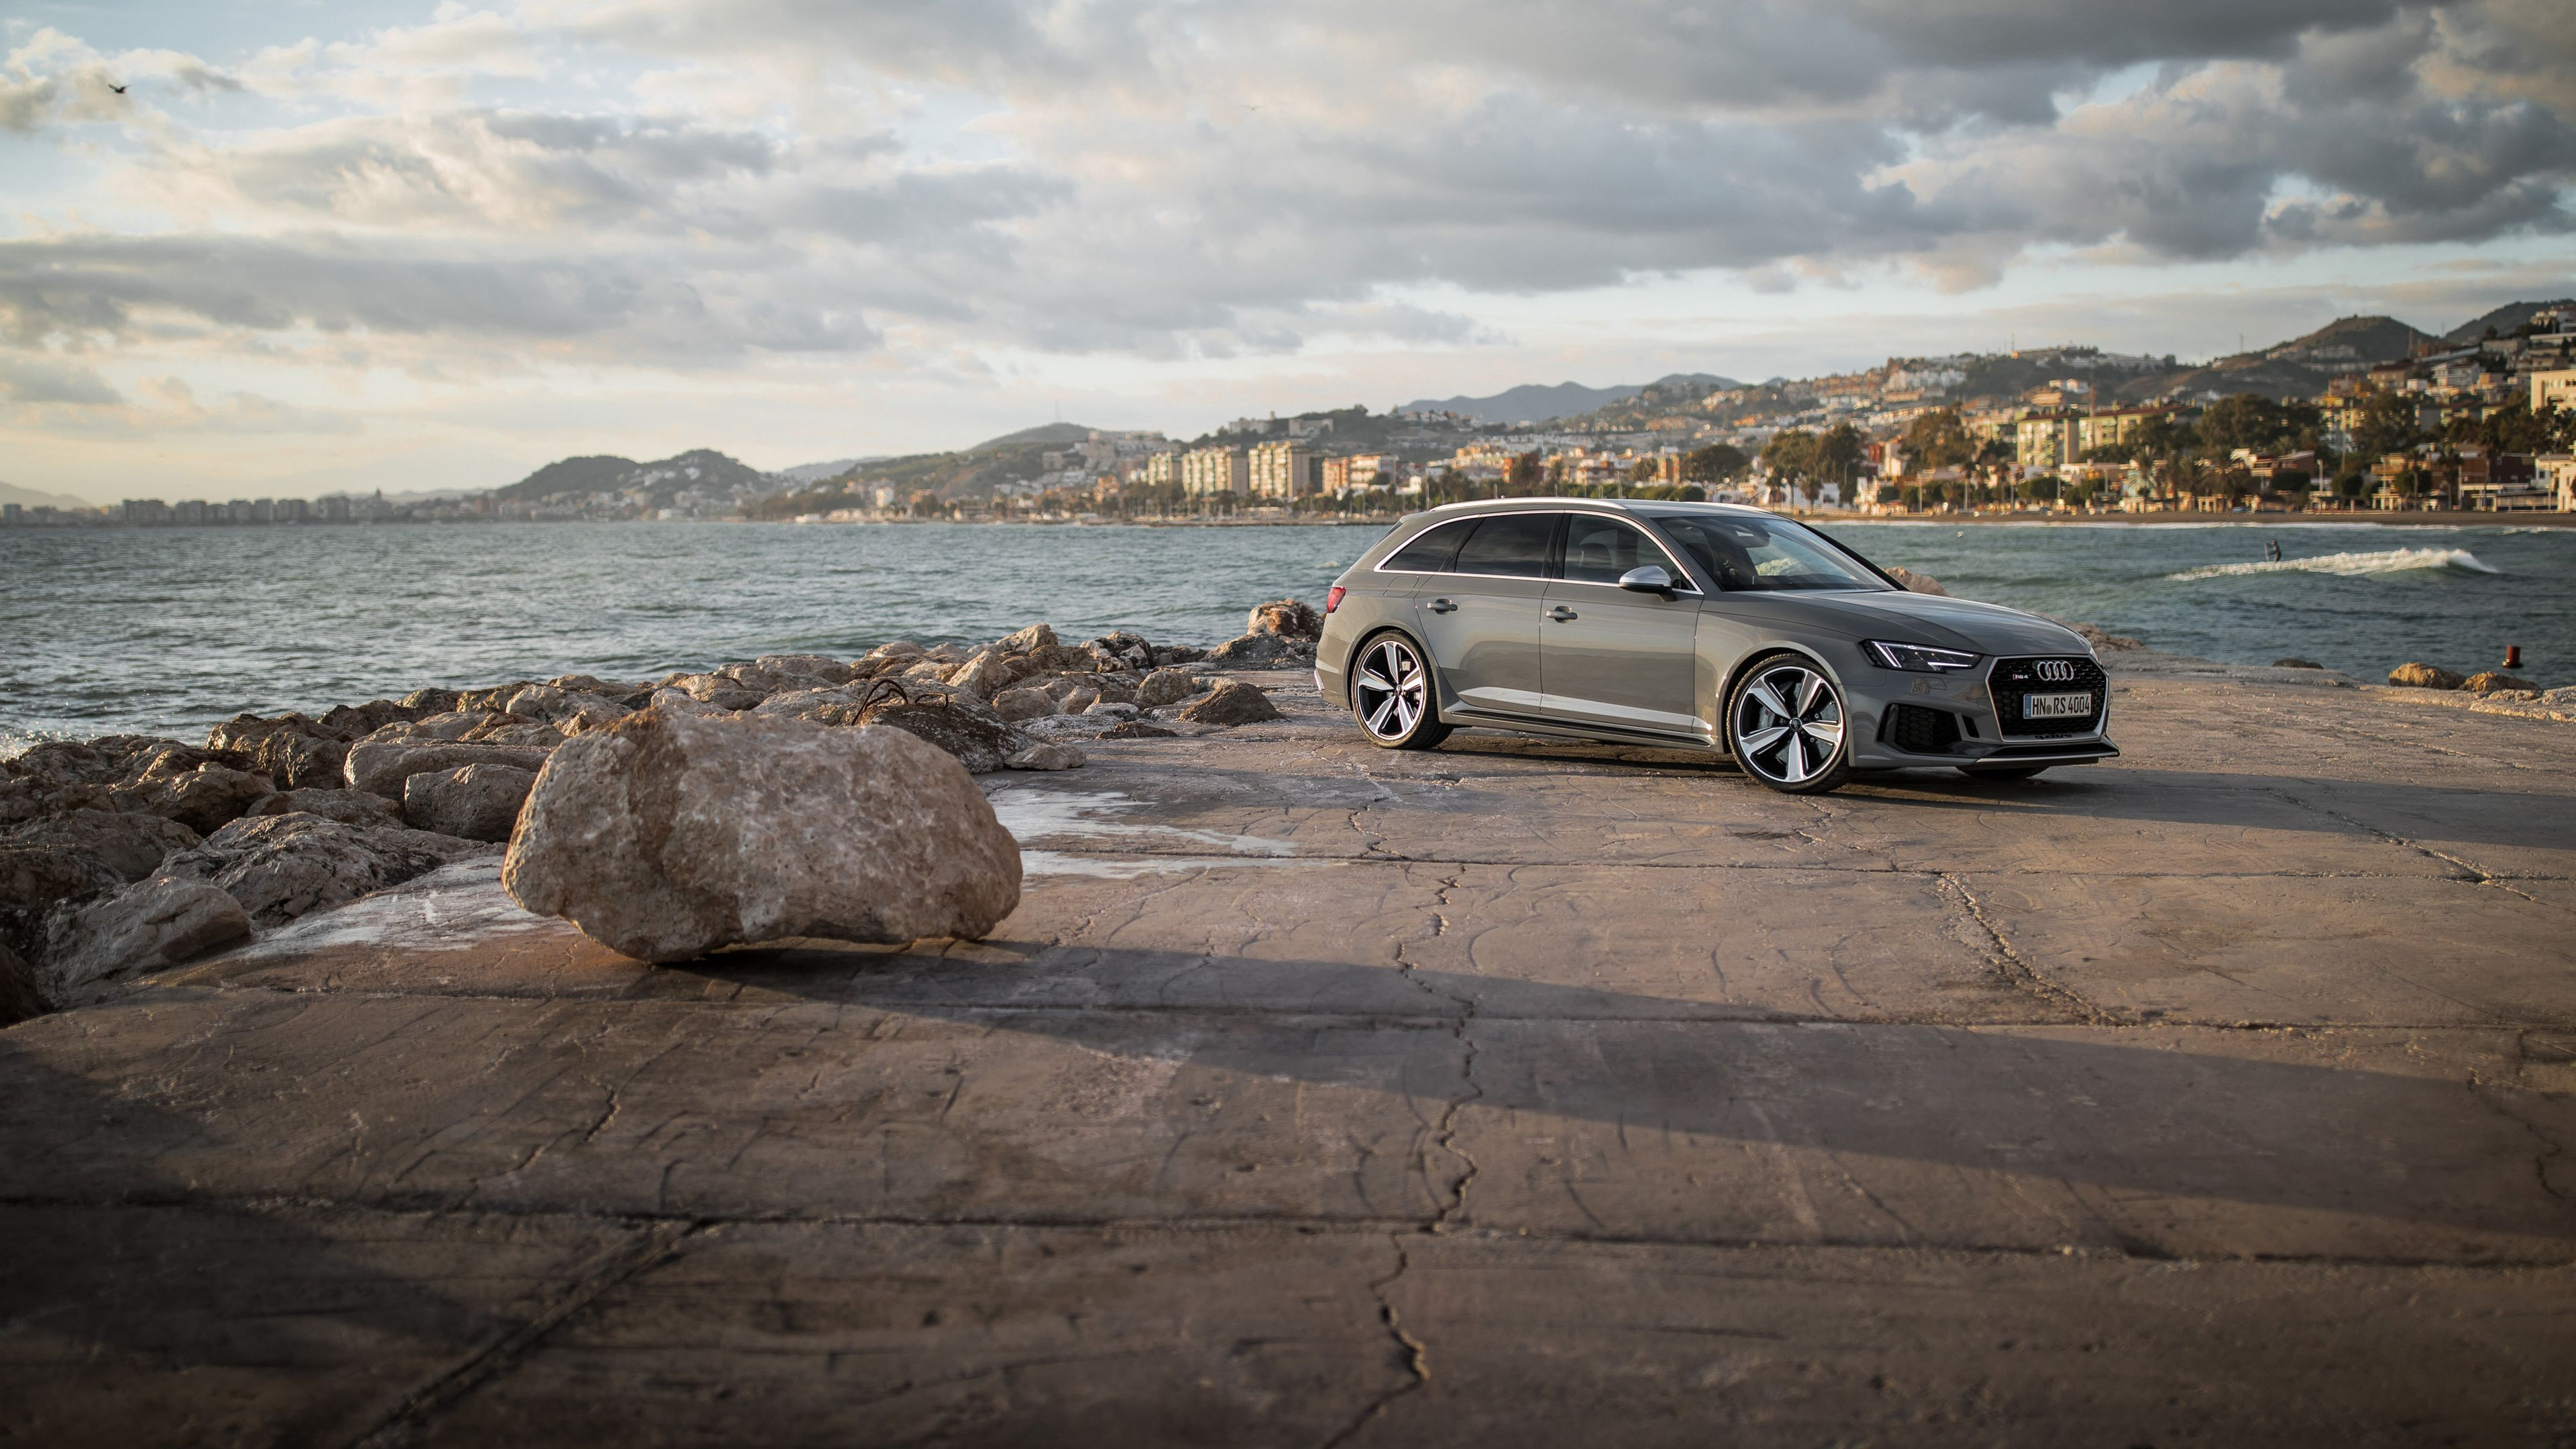 Wallpaper 4k Audi Rs4 Avant 4k 2017 Cars Wallpapers 4k Wallpapers